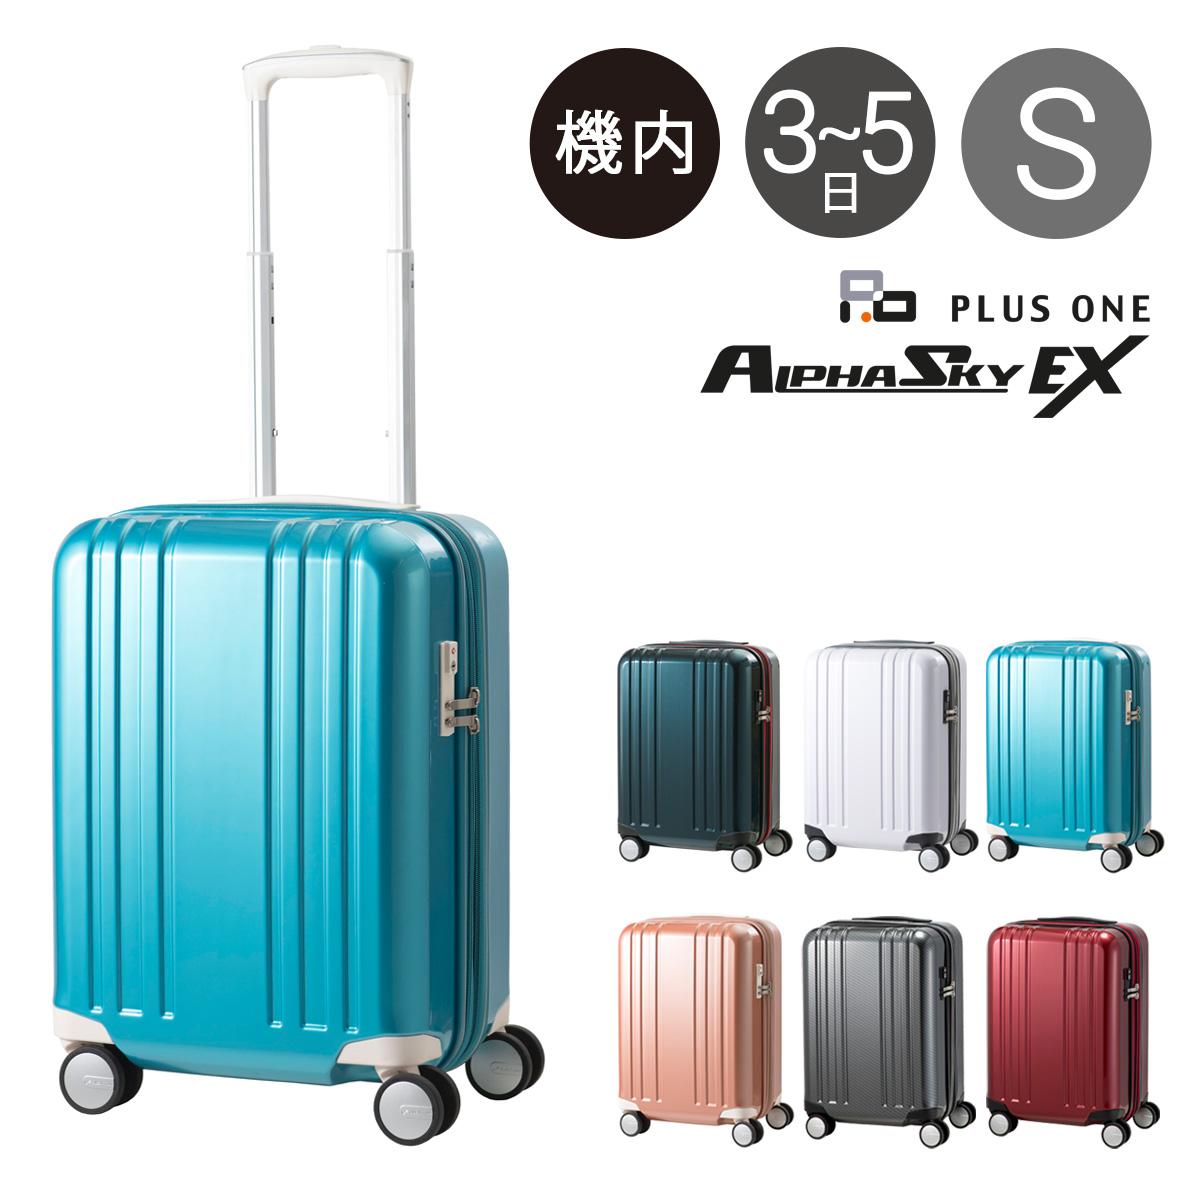 プラスワン スーツケース 4輪|機内持ち込み 45L 48cm 3.3kg 9911-48EX|軽量 拡張 ハード ファスナー|PLUSONE アルファスカイ ALPHASKY EX|静音 TSAロック搭載 HINOMOTO キャリーバッグ キャリーケース[PO10][bef]